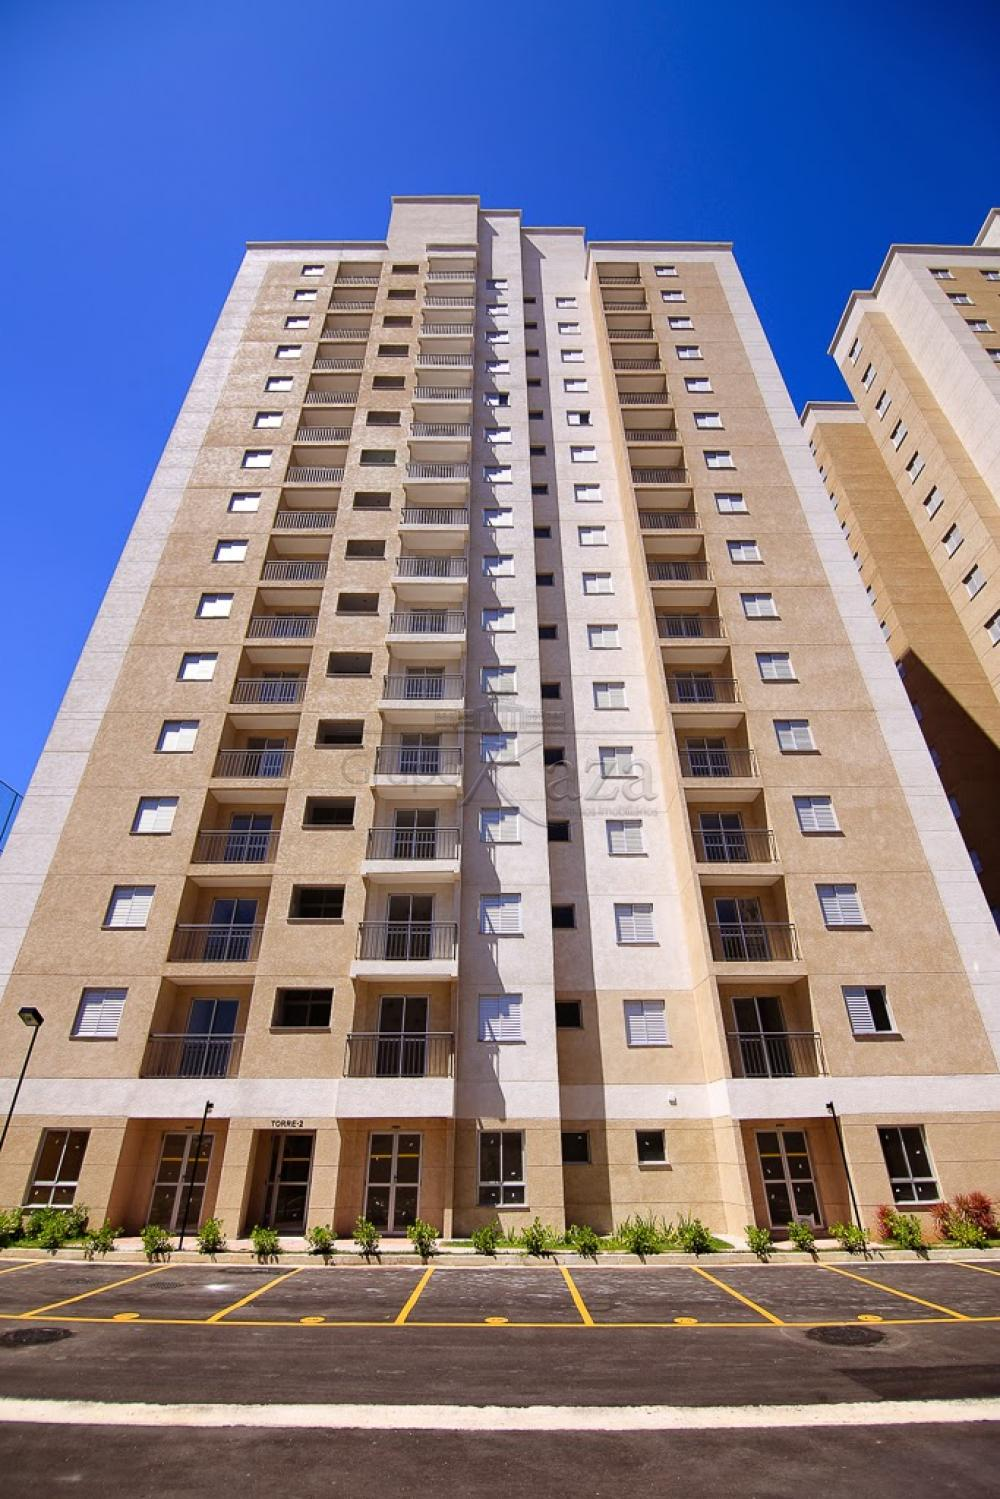 Comprar Apartamento / Padrão em São José dos Campos apenas R$ 299.000,00 - Foto 1